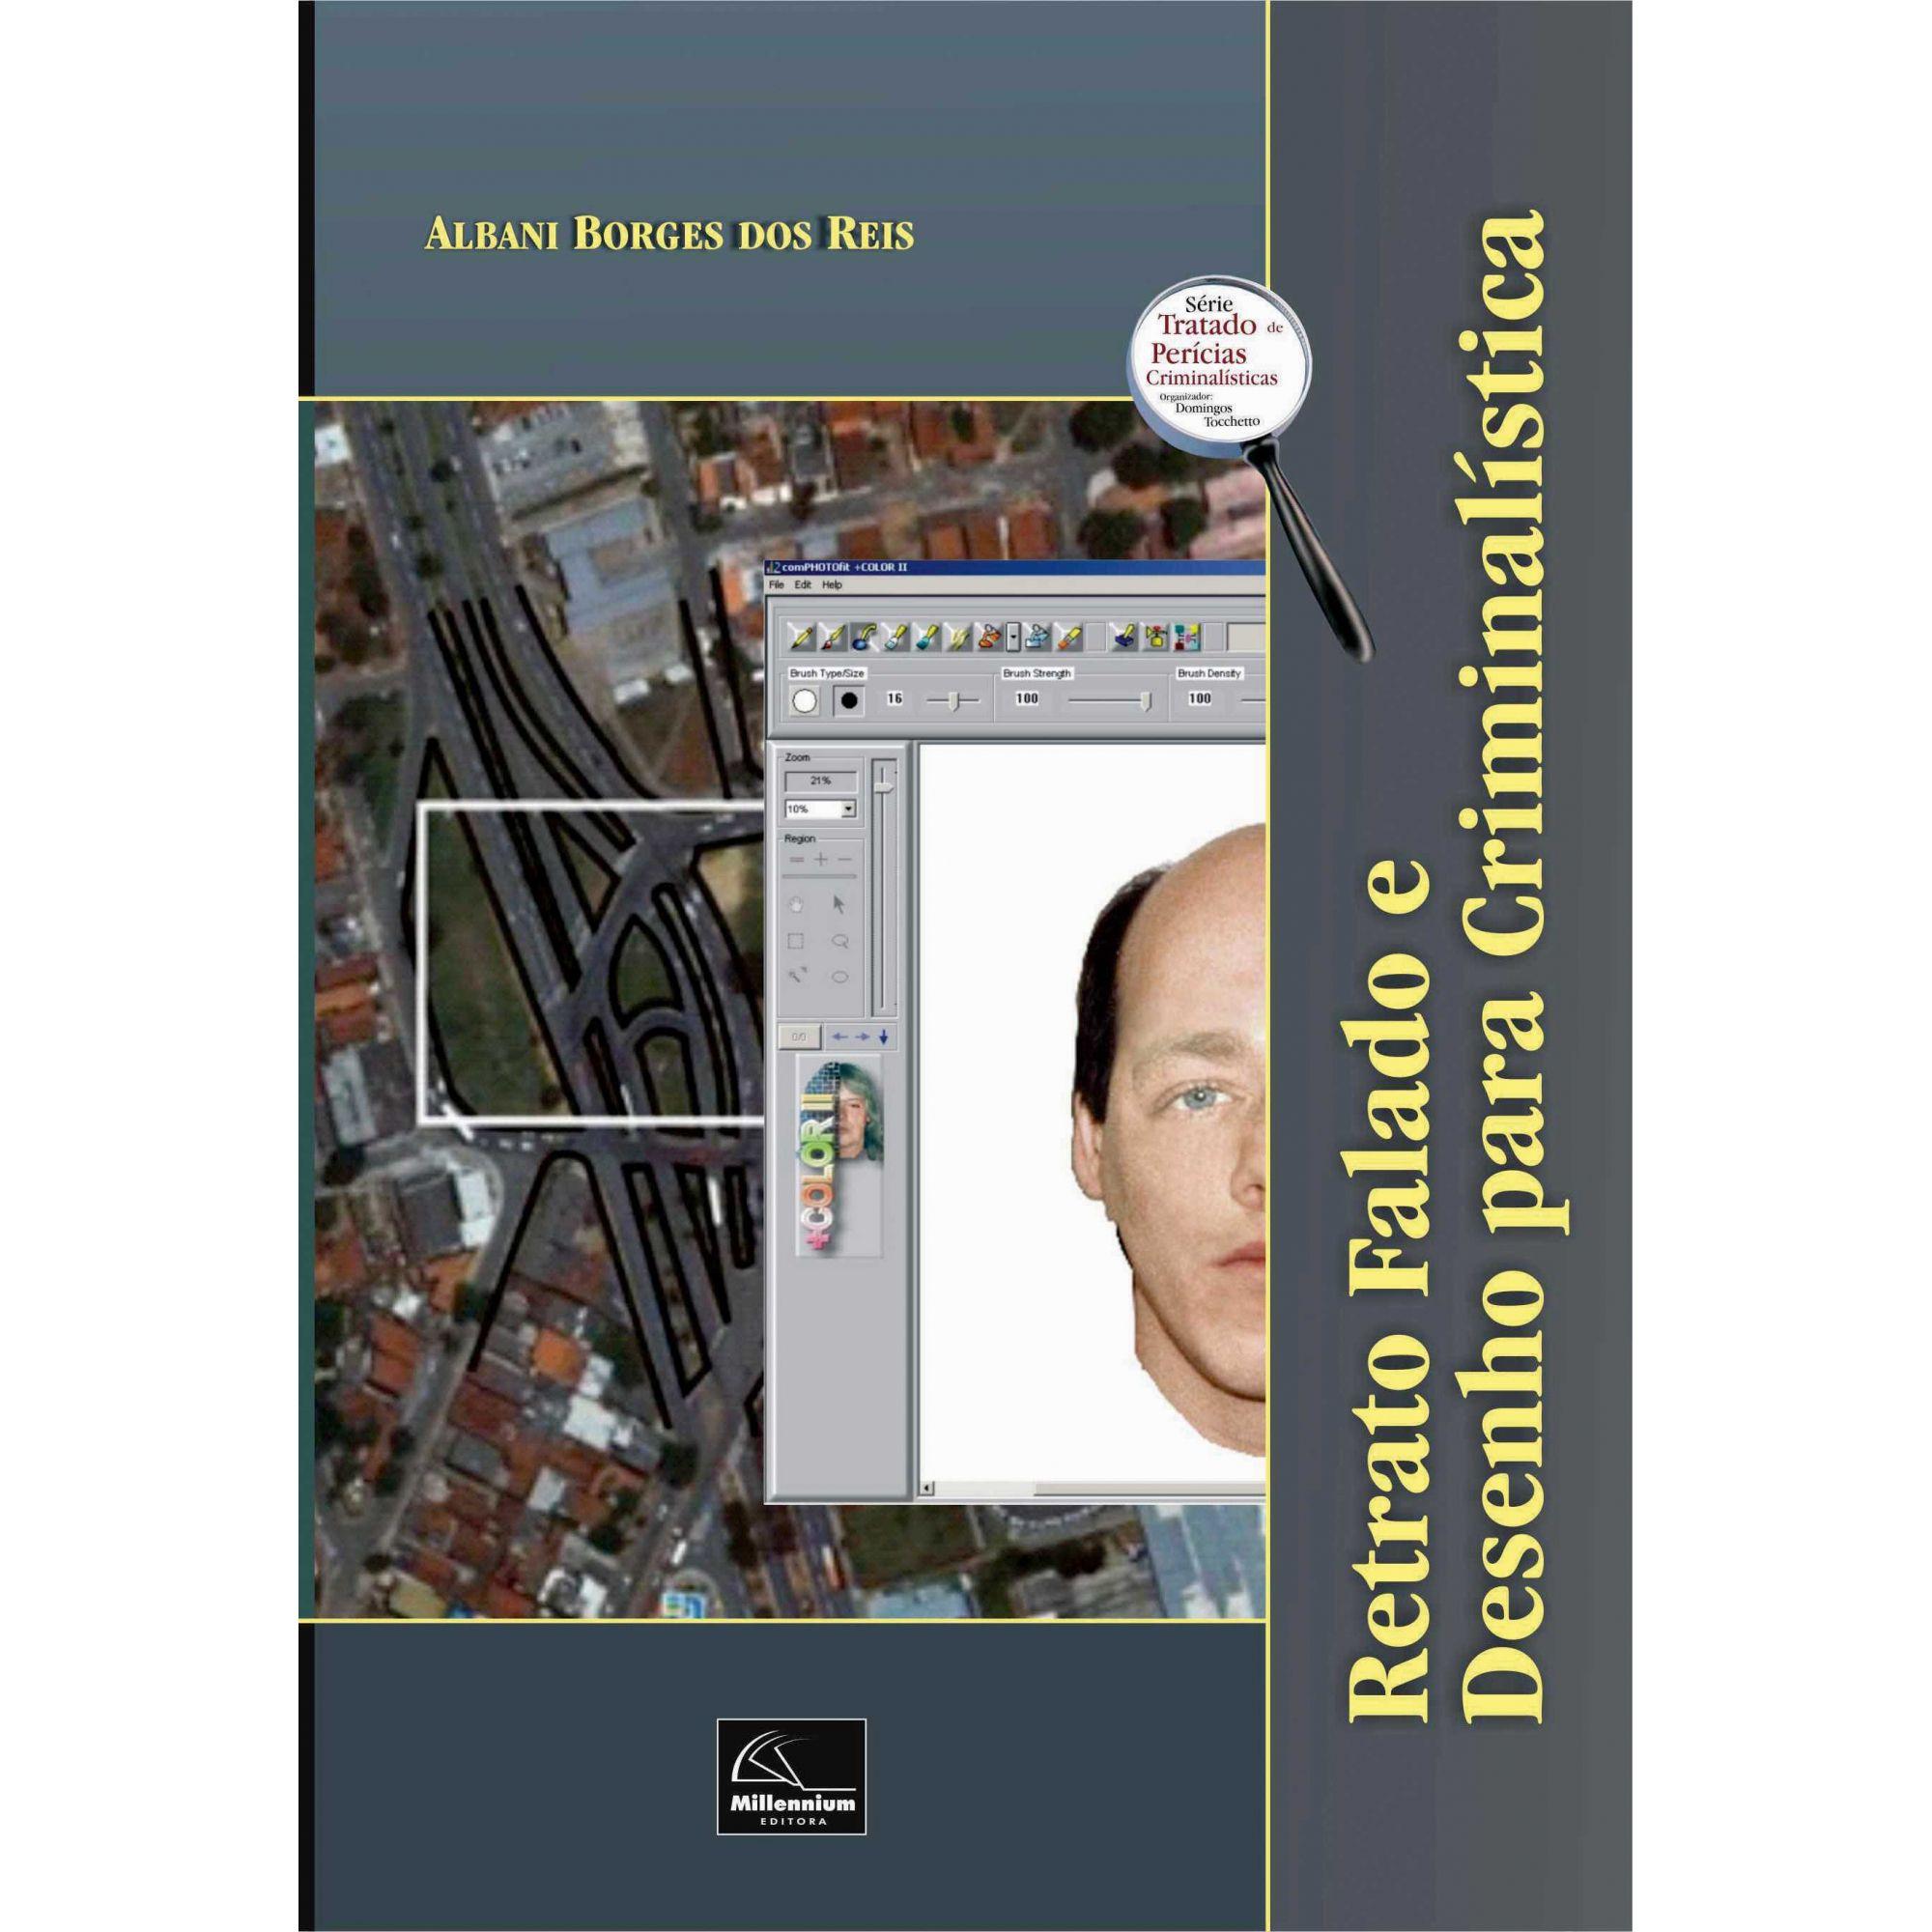 Retrato Falado e Desenho para Criminalística 2ª Edição <b>Autor: Albani Borges dos Reis</b>  - Millennium Editora